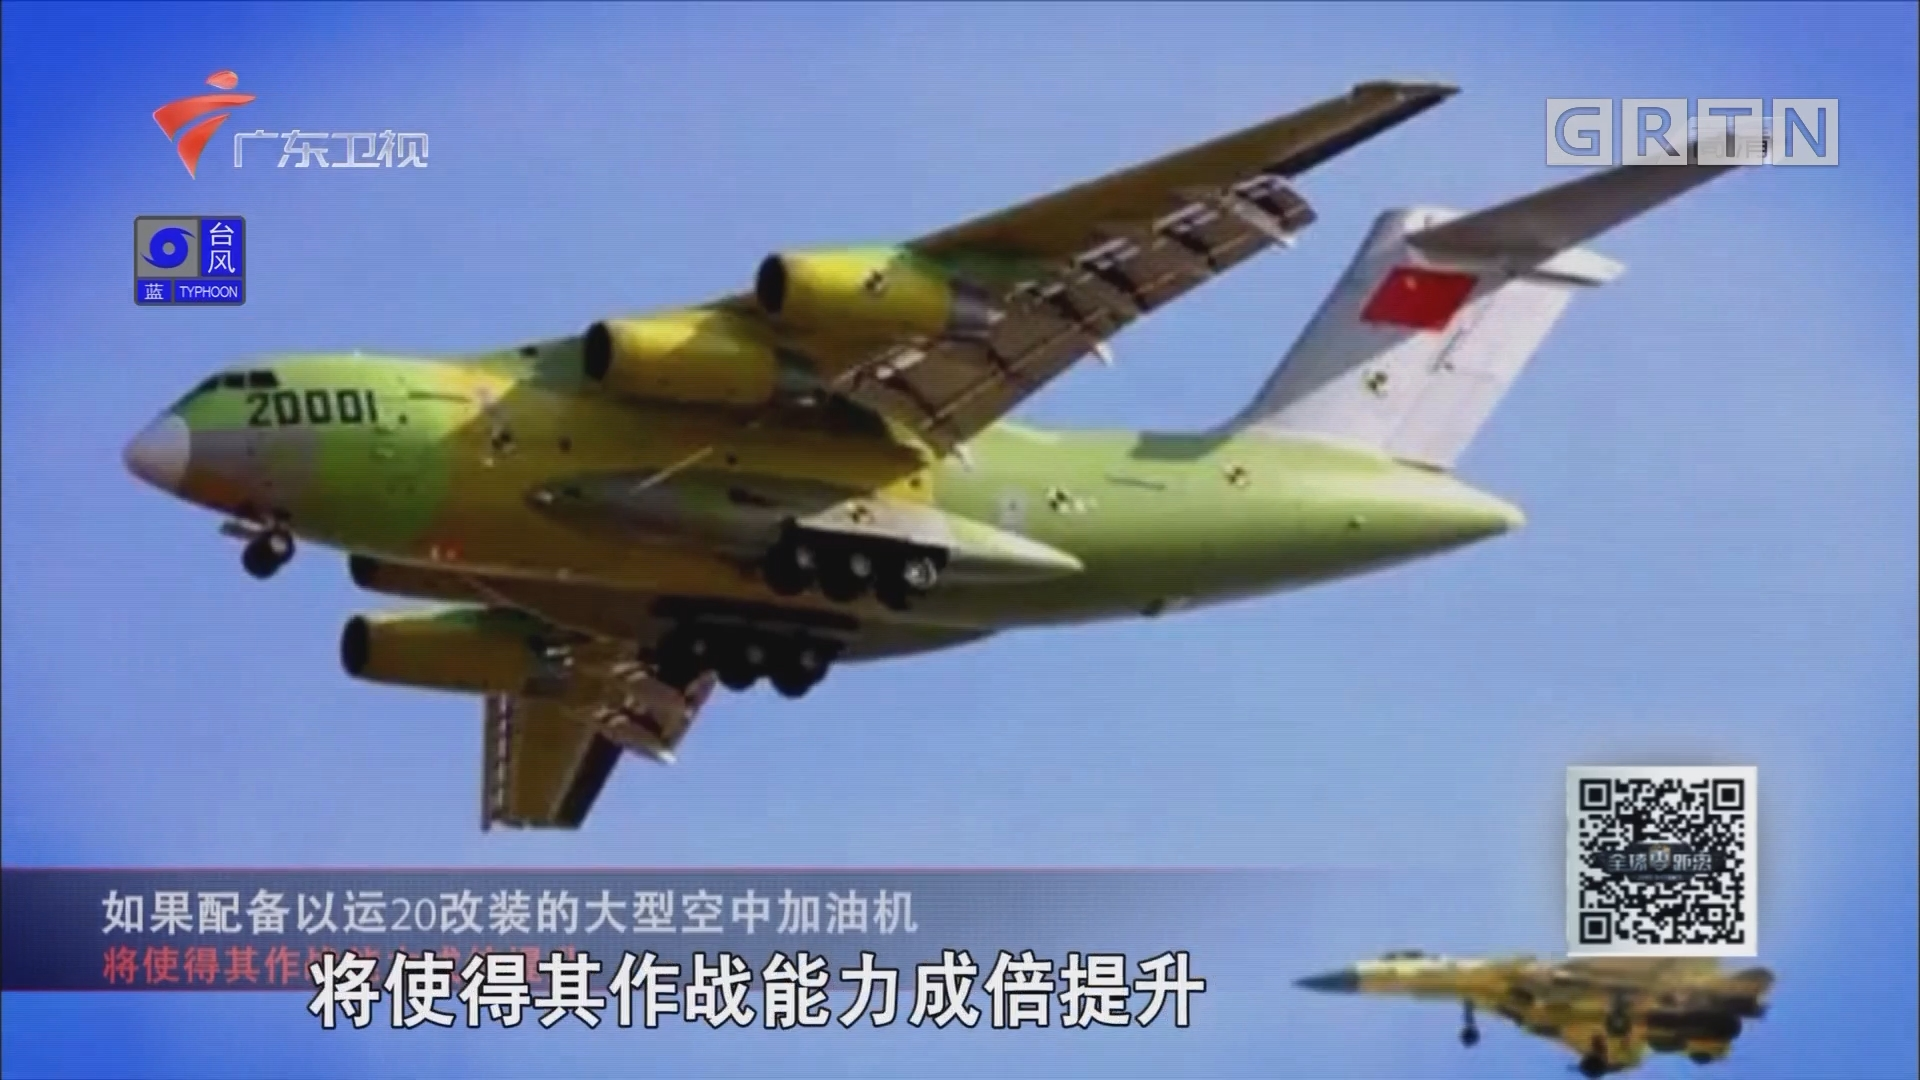 [HD][2017-10-15]全球零距离:中国战略轰炸机就位